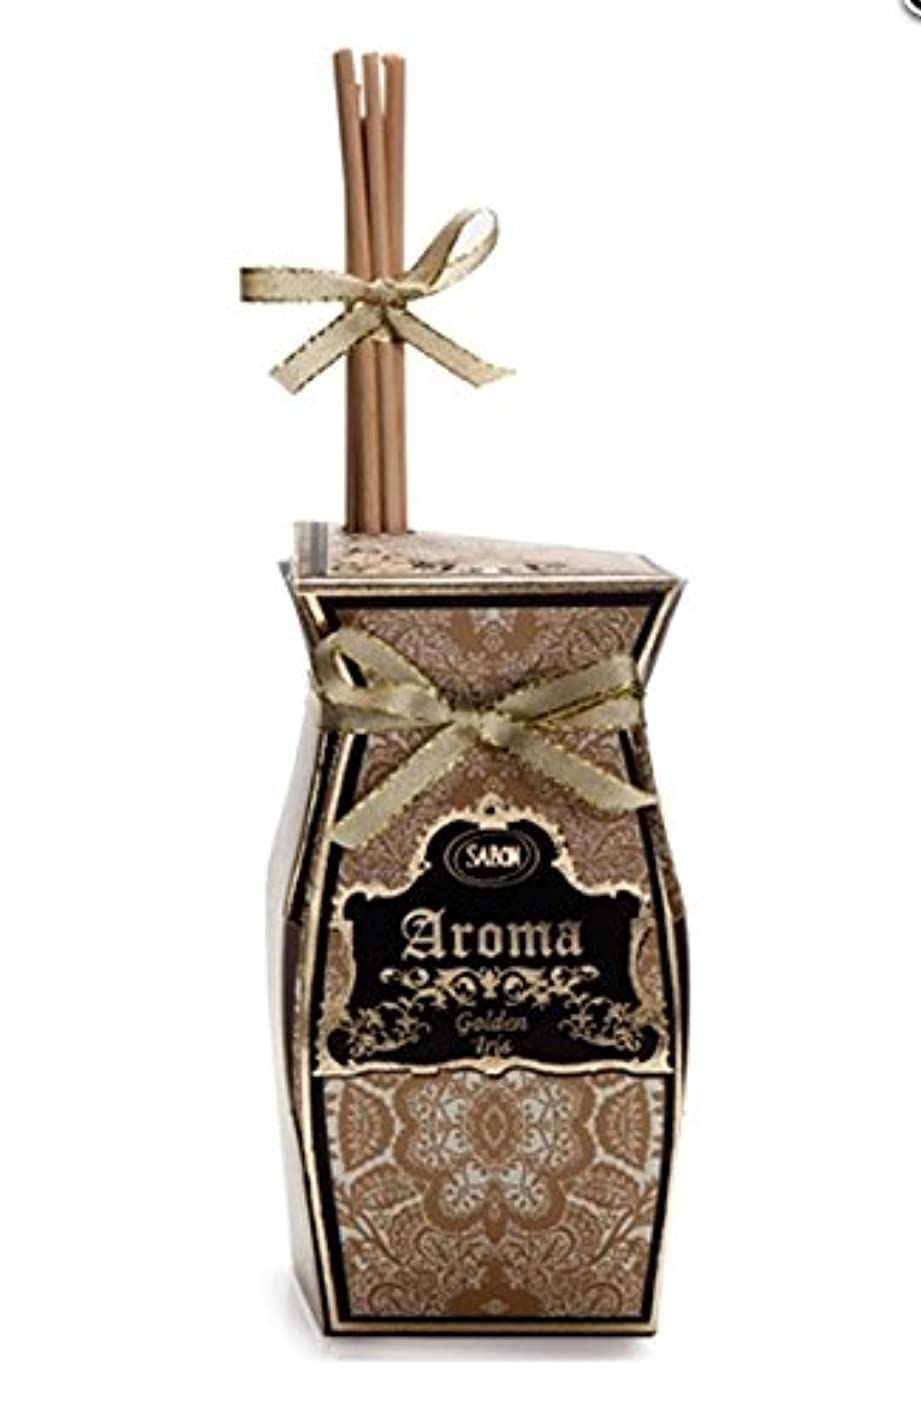 スペードエンコミウムレディSABON Aroma Reed Diffuser アロマ ルーム フレグランス【ゴールデンアイリス 】 リードディフューザー イスラエル発 並行輸入品 海外直送